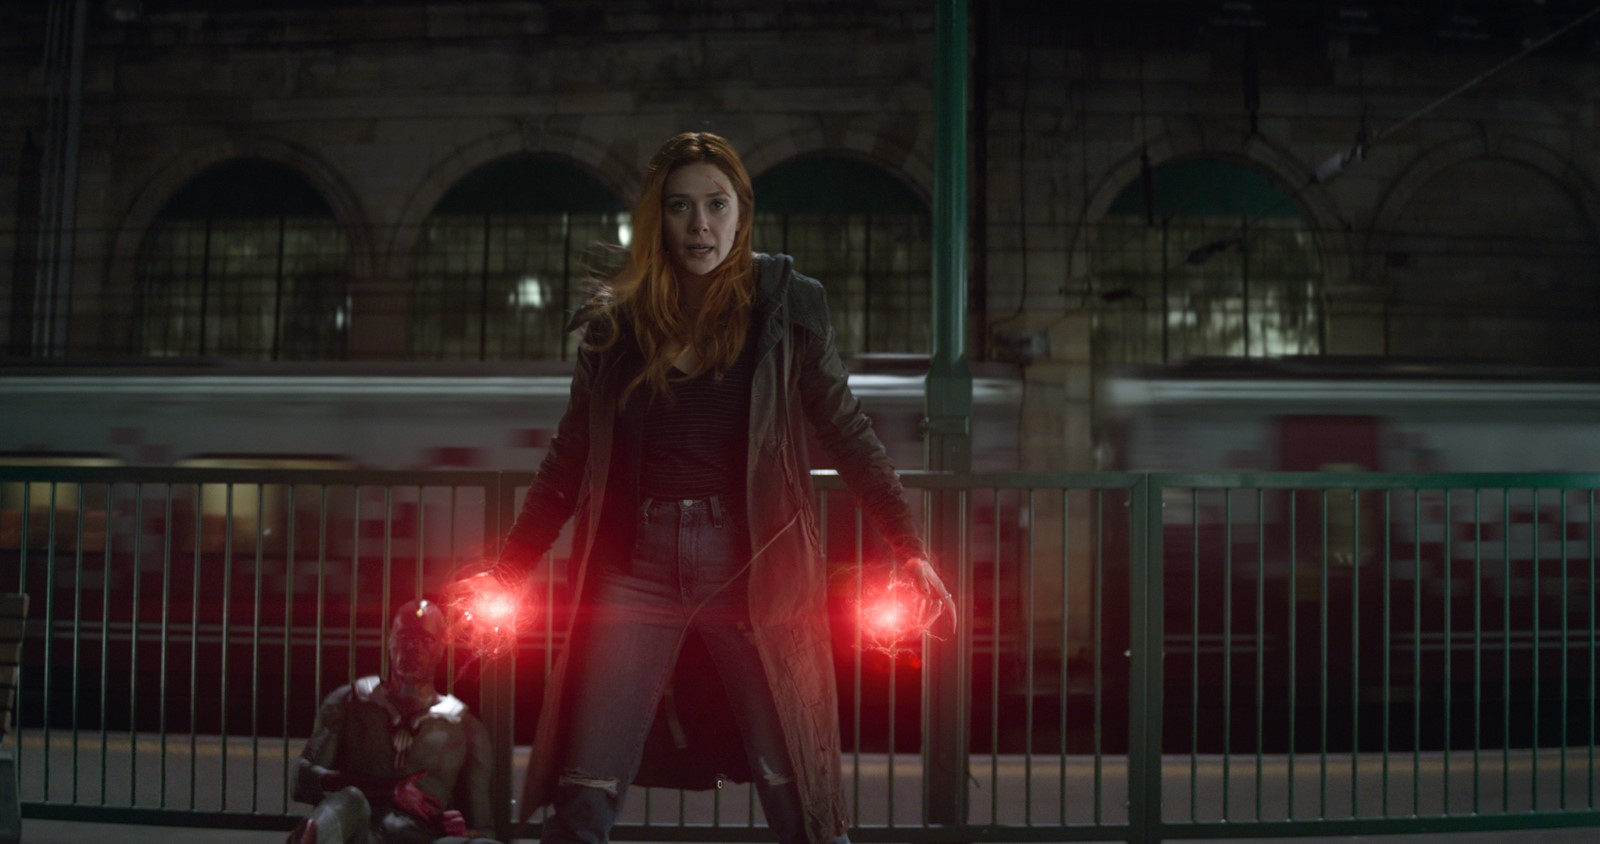 Avengers 4 / Captain Marvel : Le look des héros se dévoile